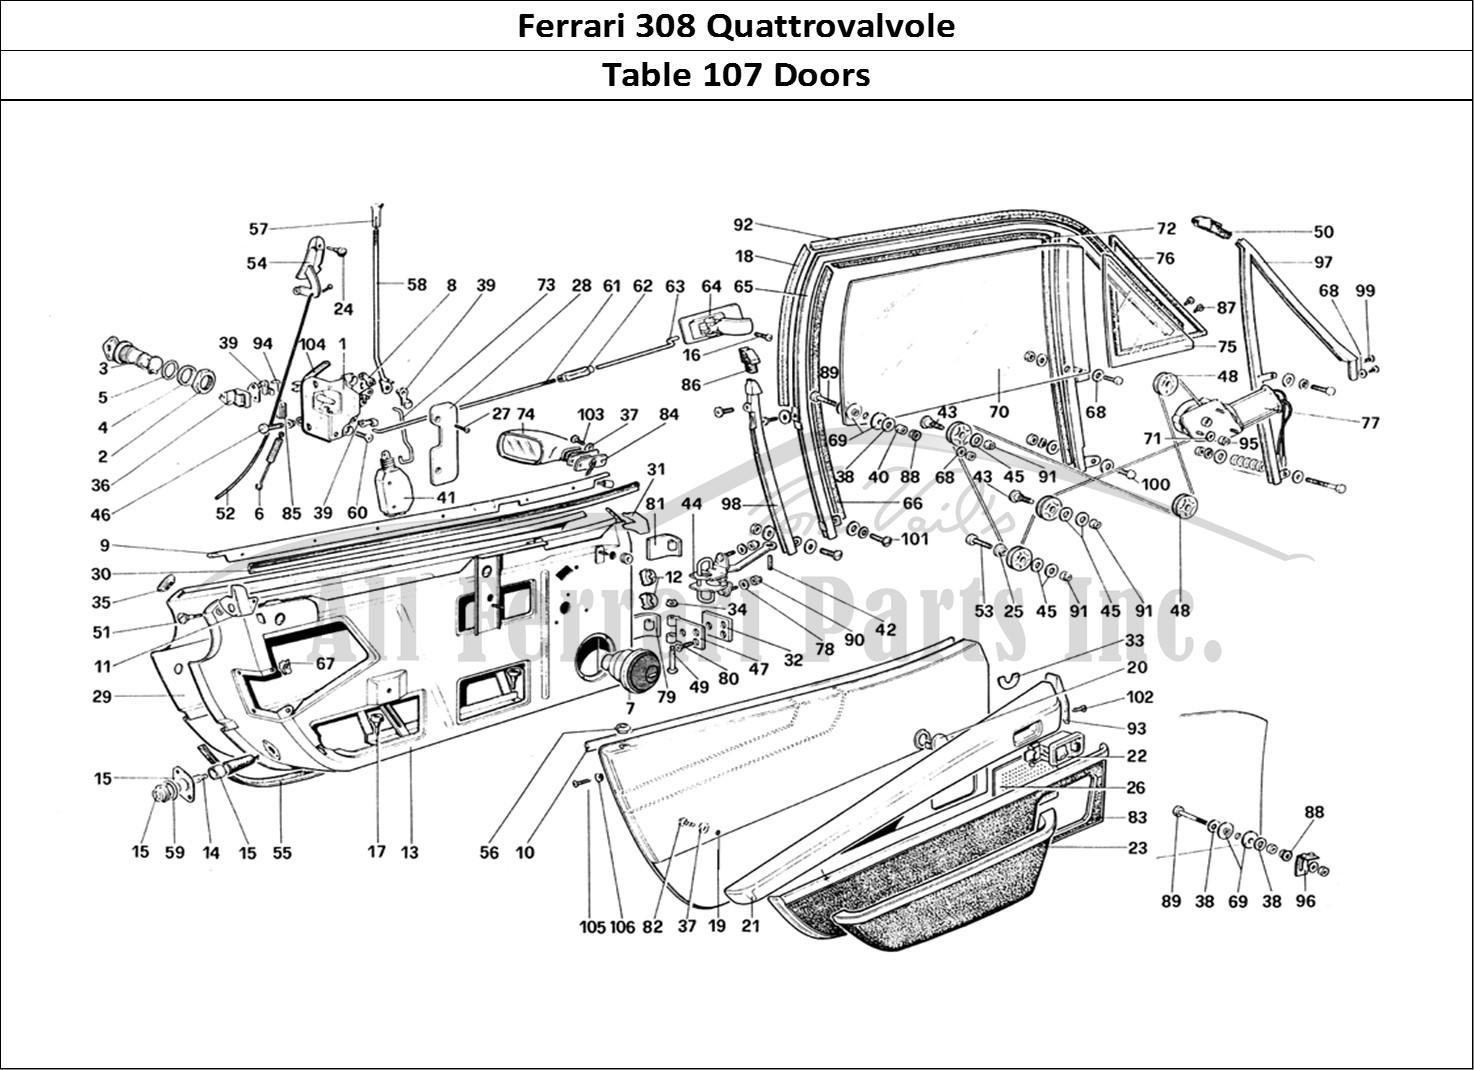 Buy original Ferrari 308 Quattrovalvole 107 Doors Ferrari